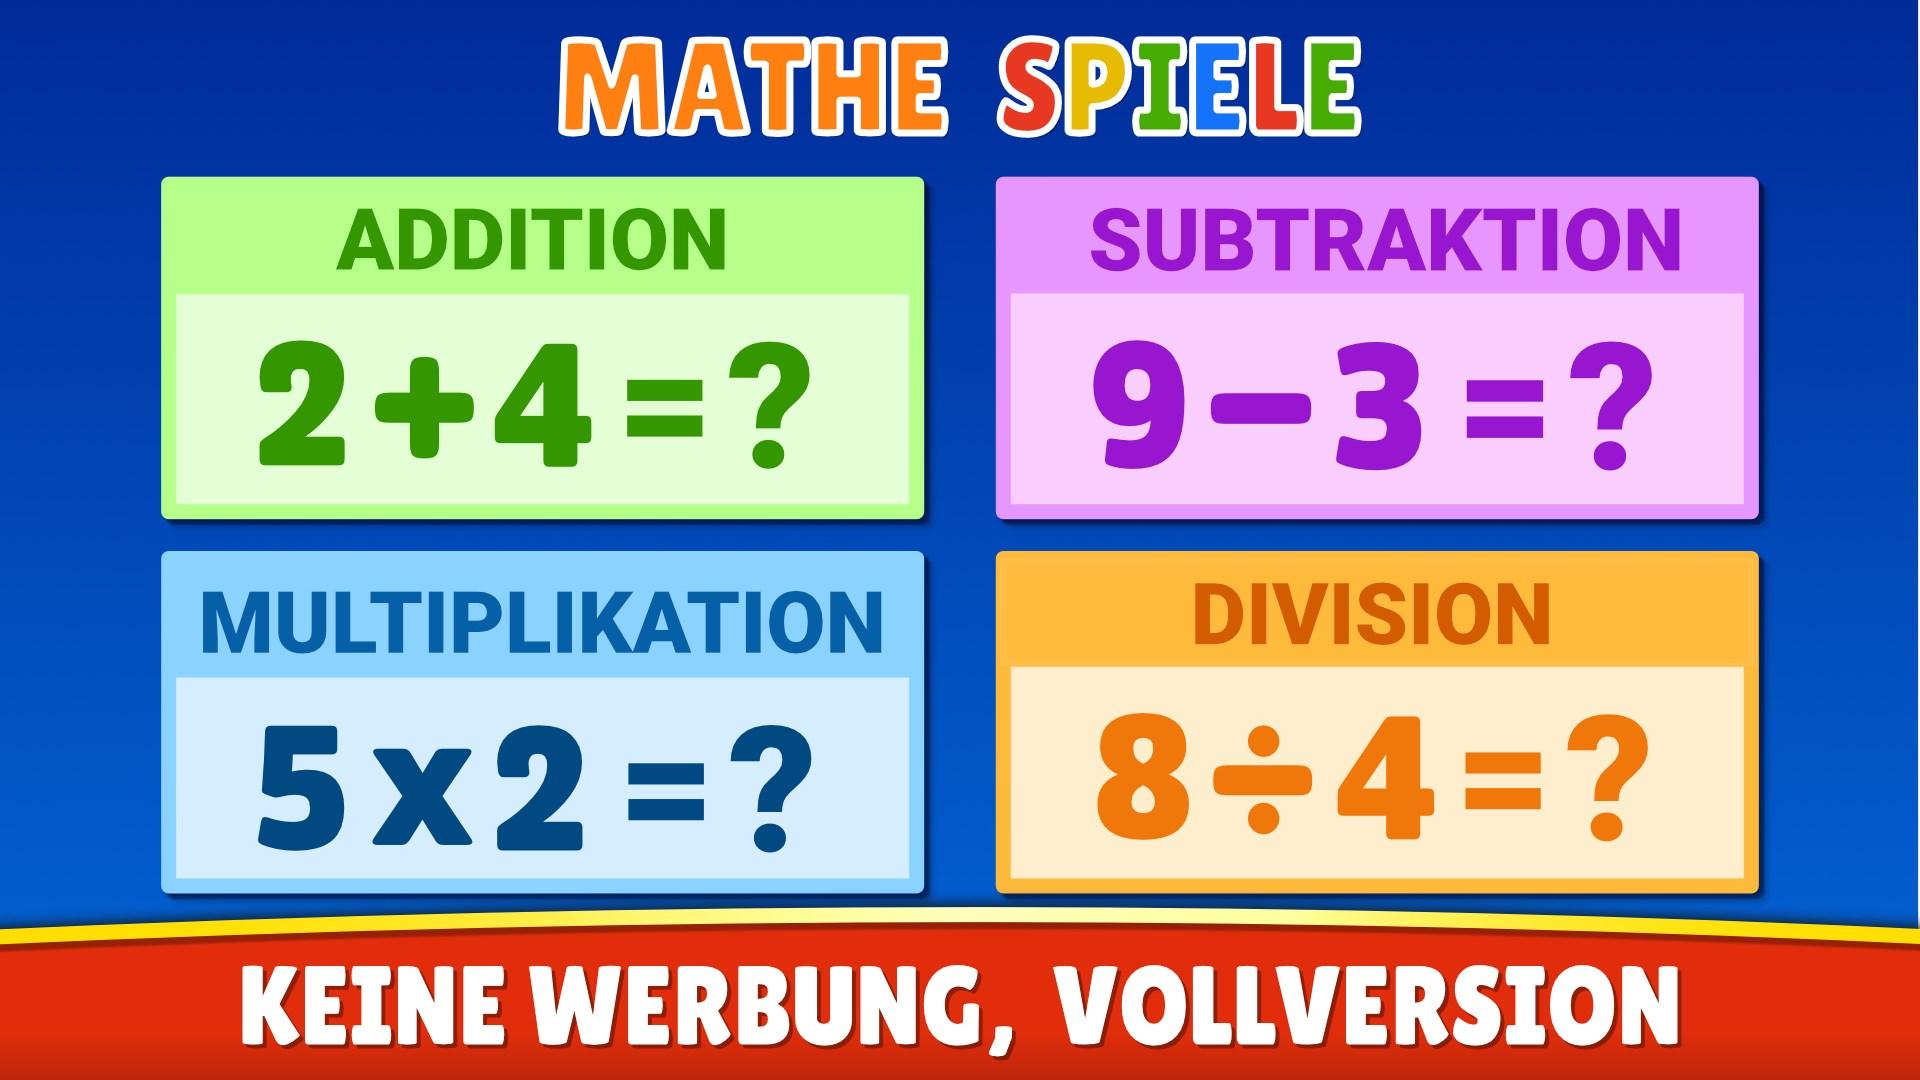 Mathe Spiele   Addition, Subtraktion und mehr beziehen – Microsoft ...